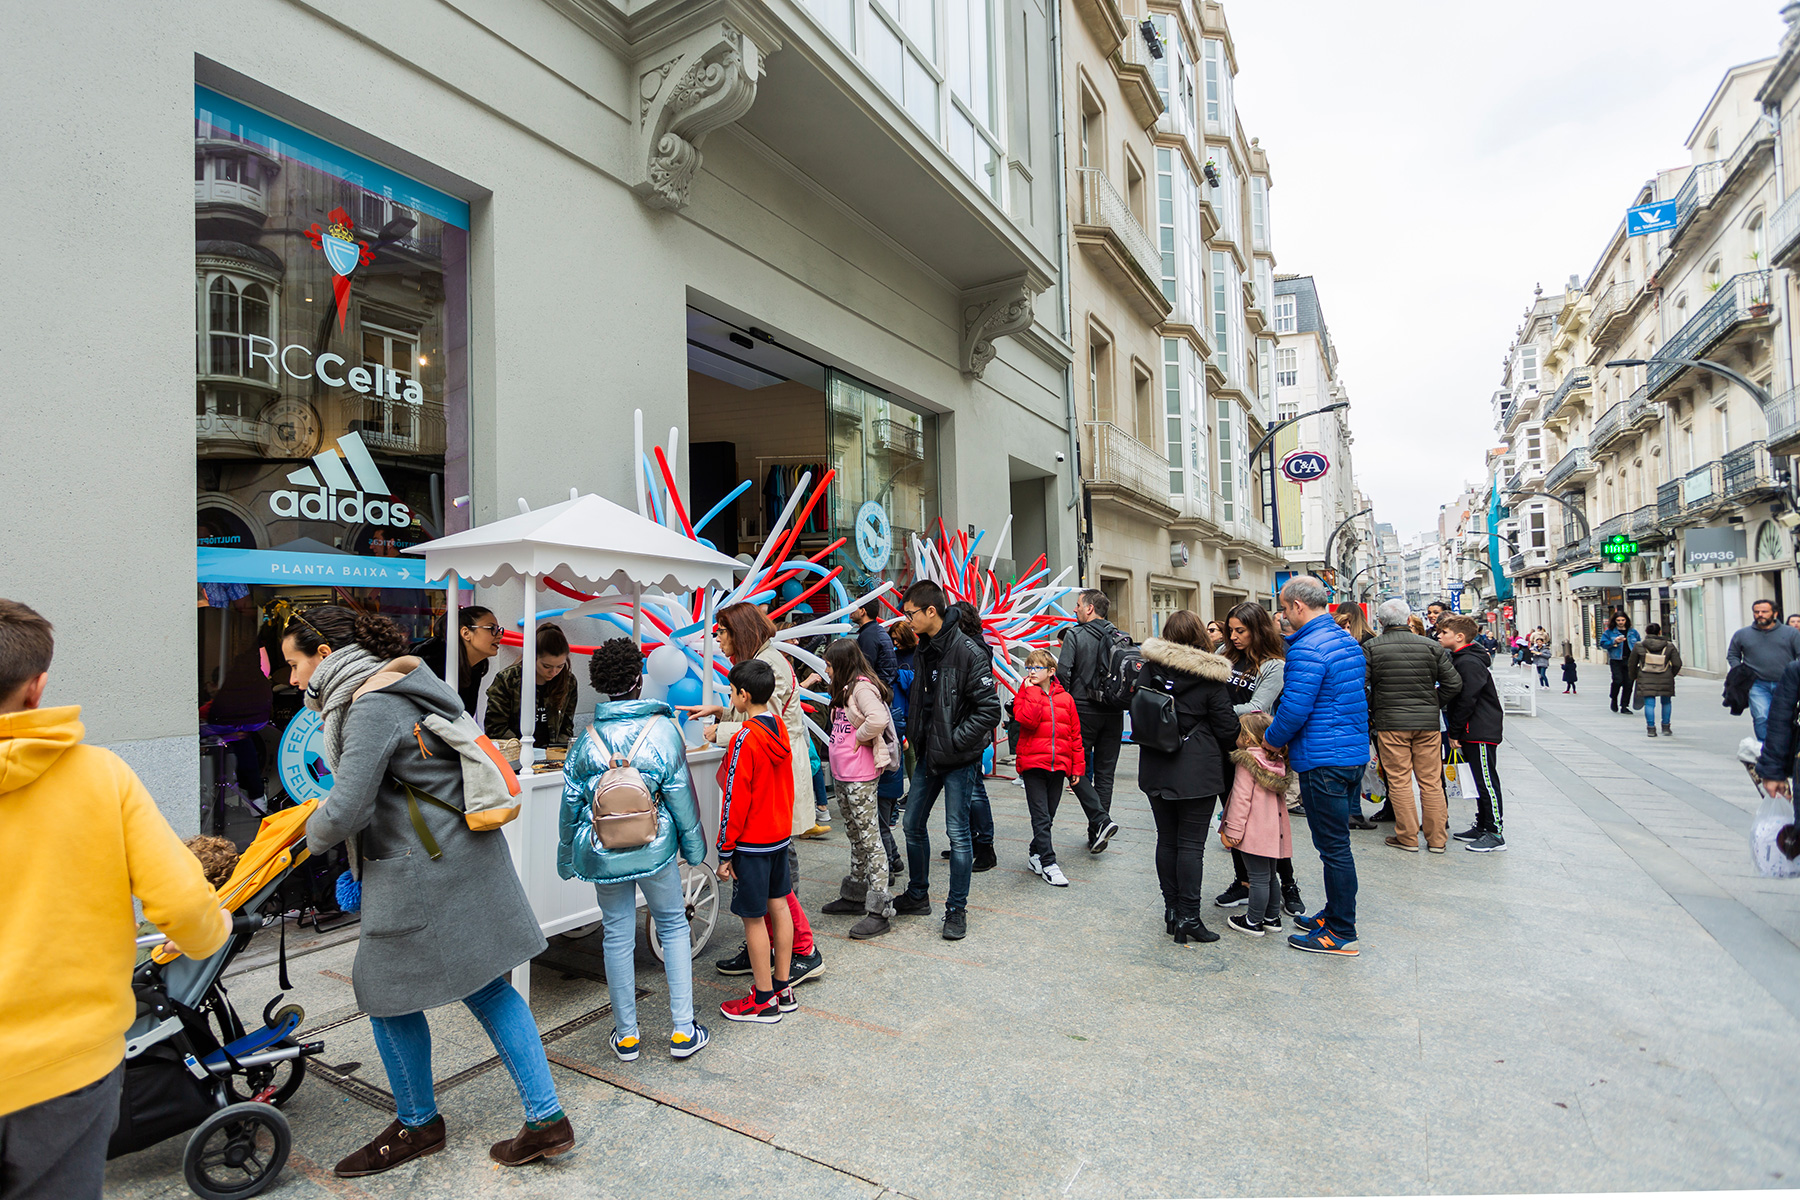 Celta_CorreLolaCorre_Publicidad_Vigo